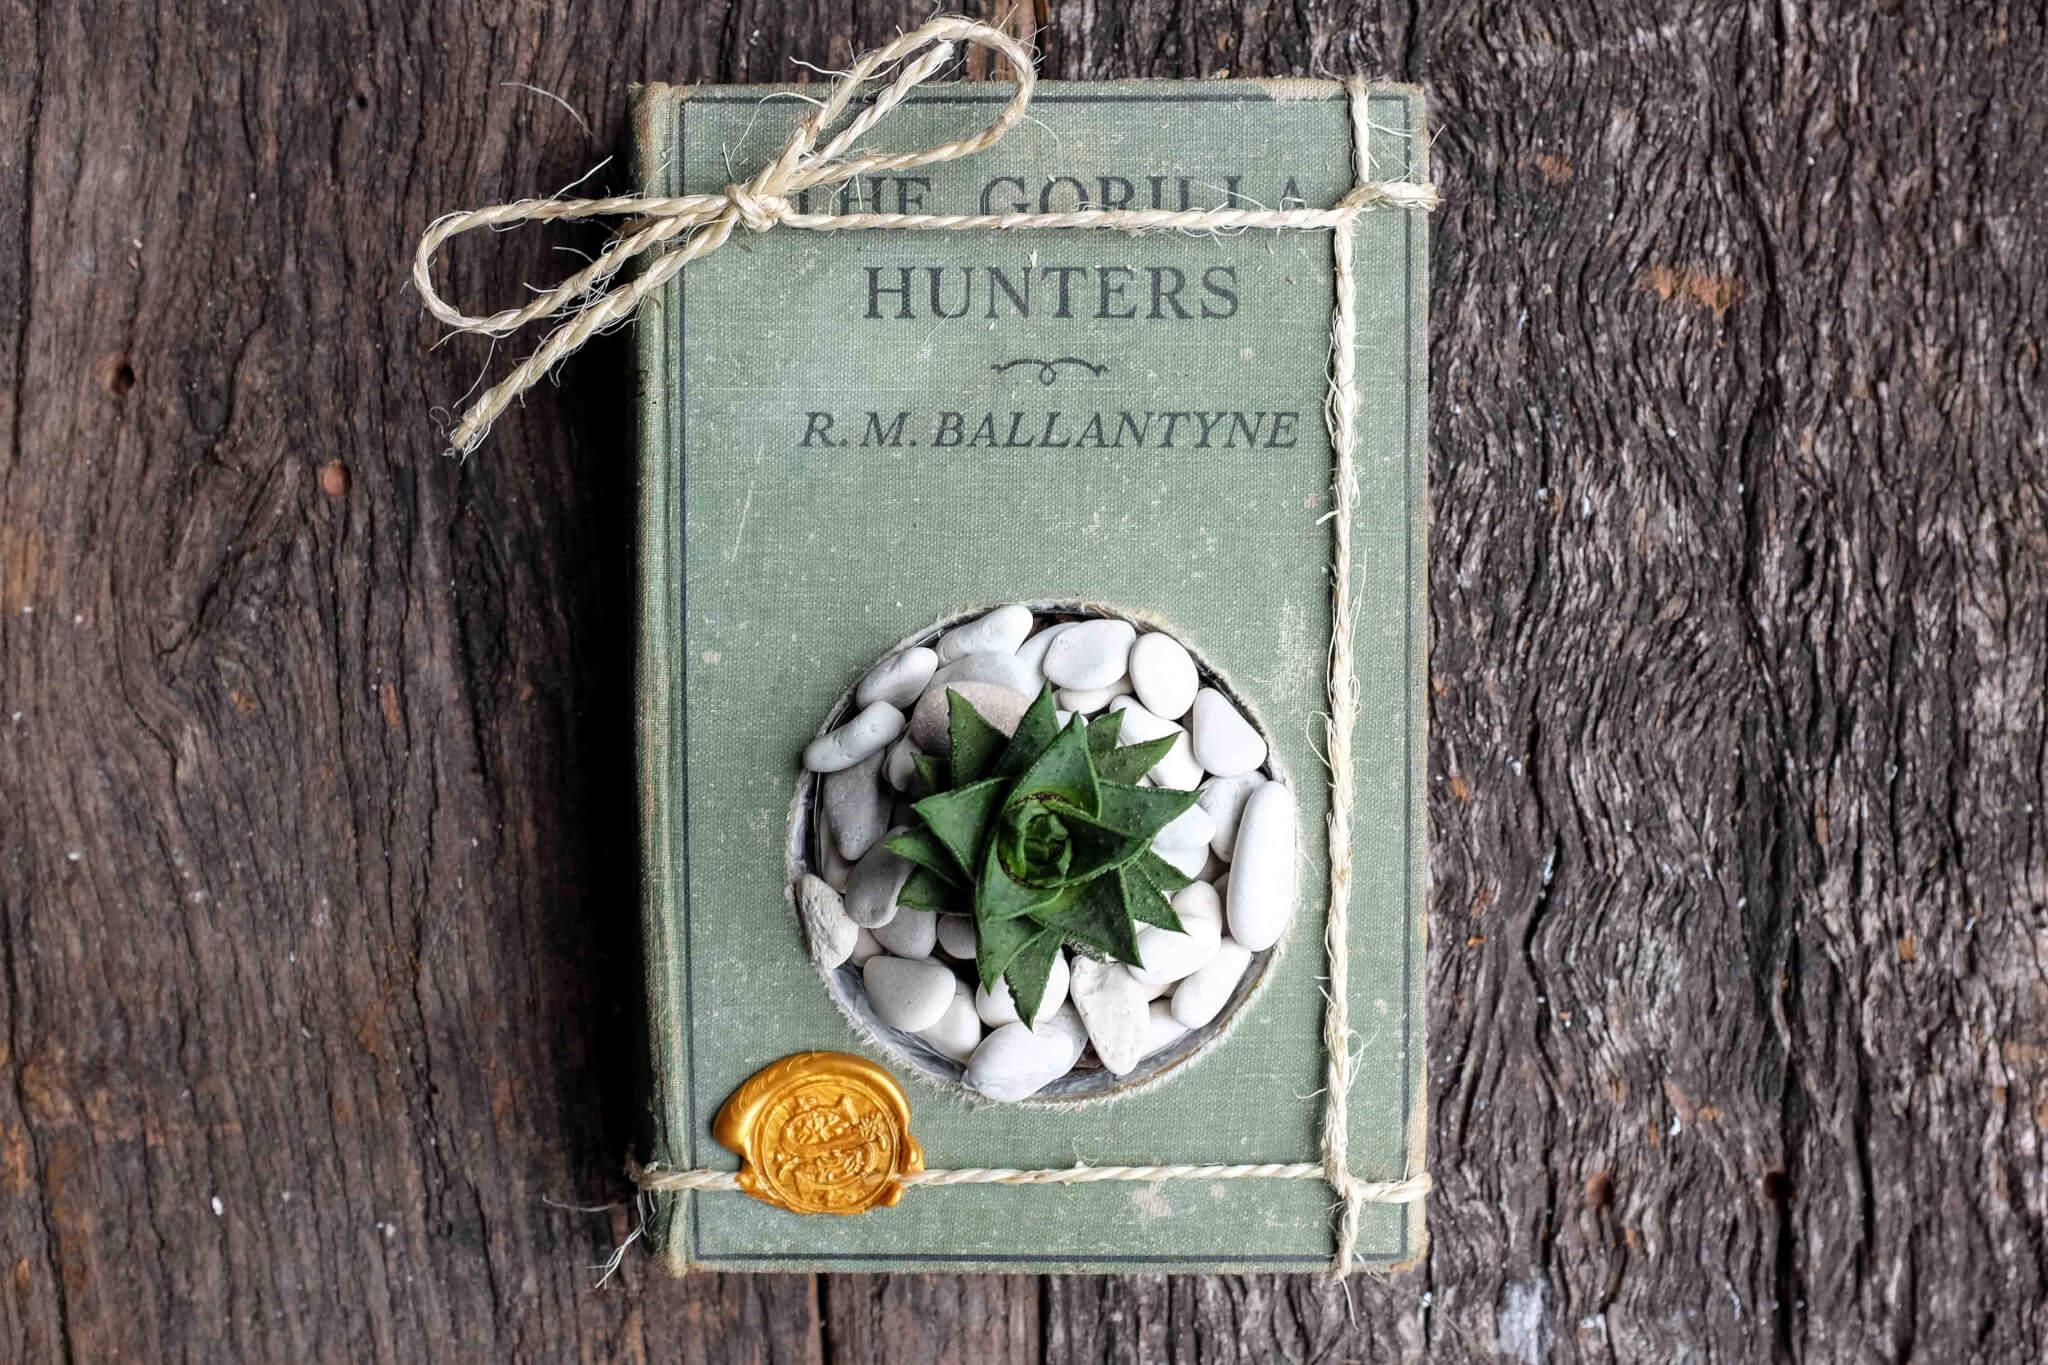 a vintage book succulent planter